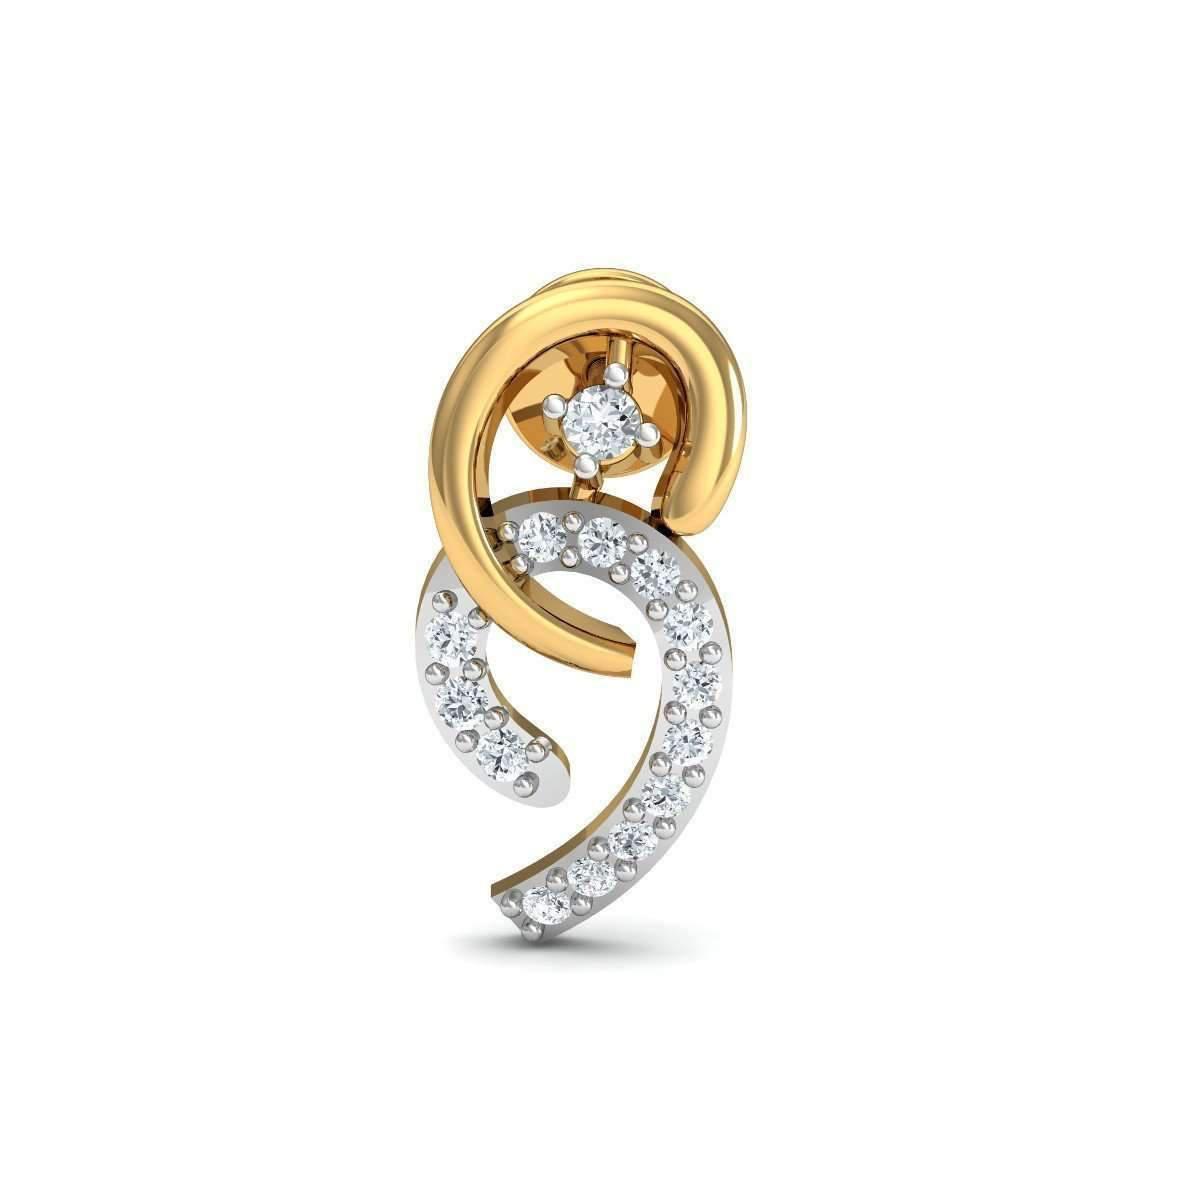 Diamoire Jewels Dangly Diamond Stud Earrings in 18kt Yellow Gold ju8ObRN2e